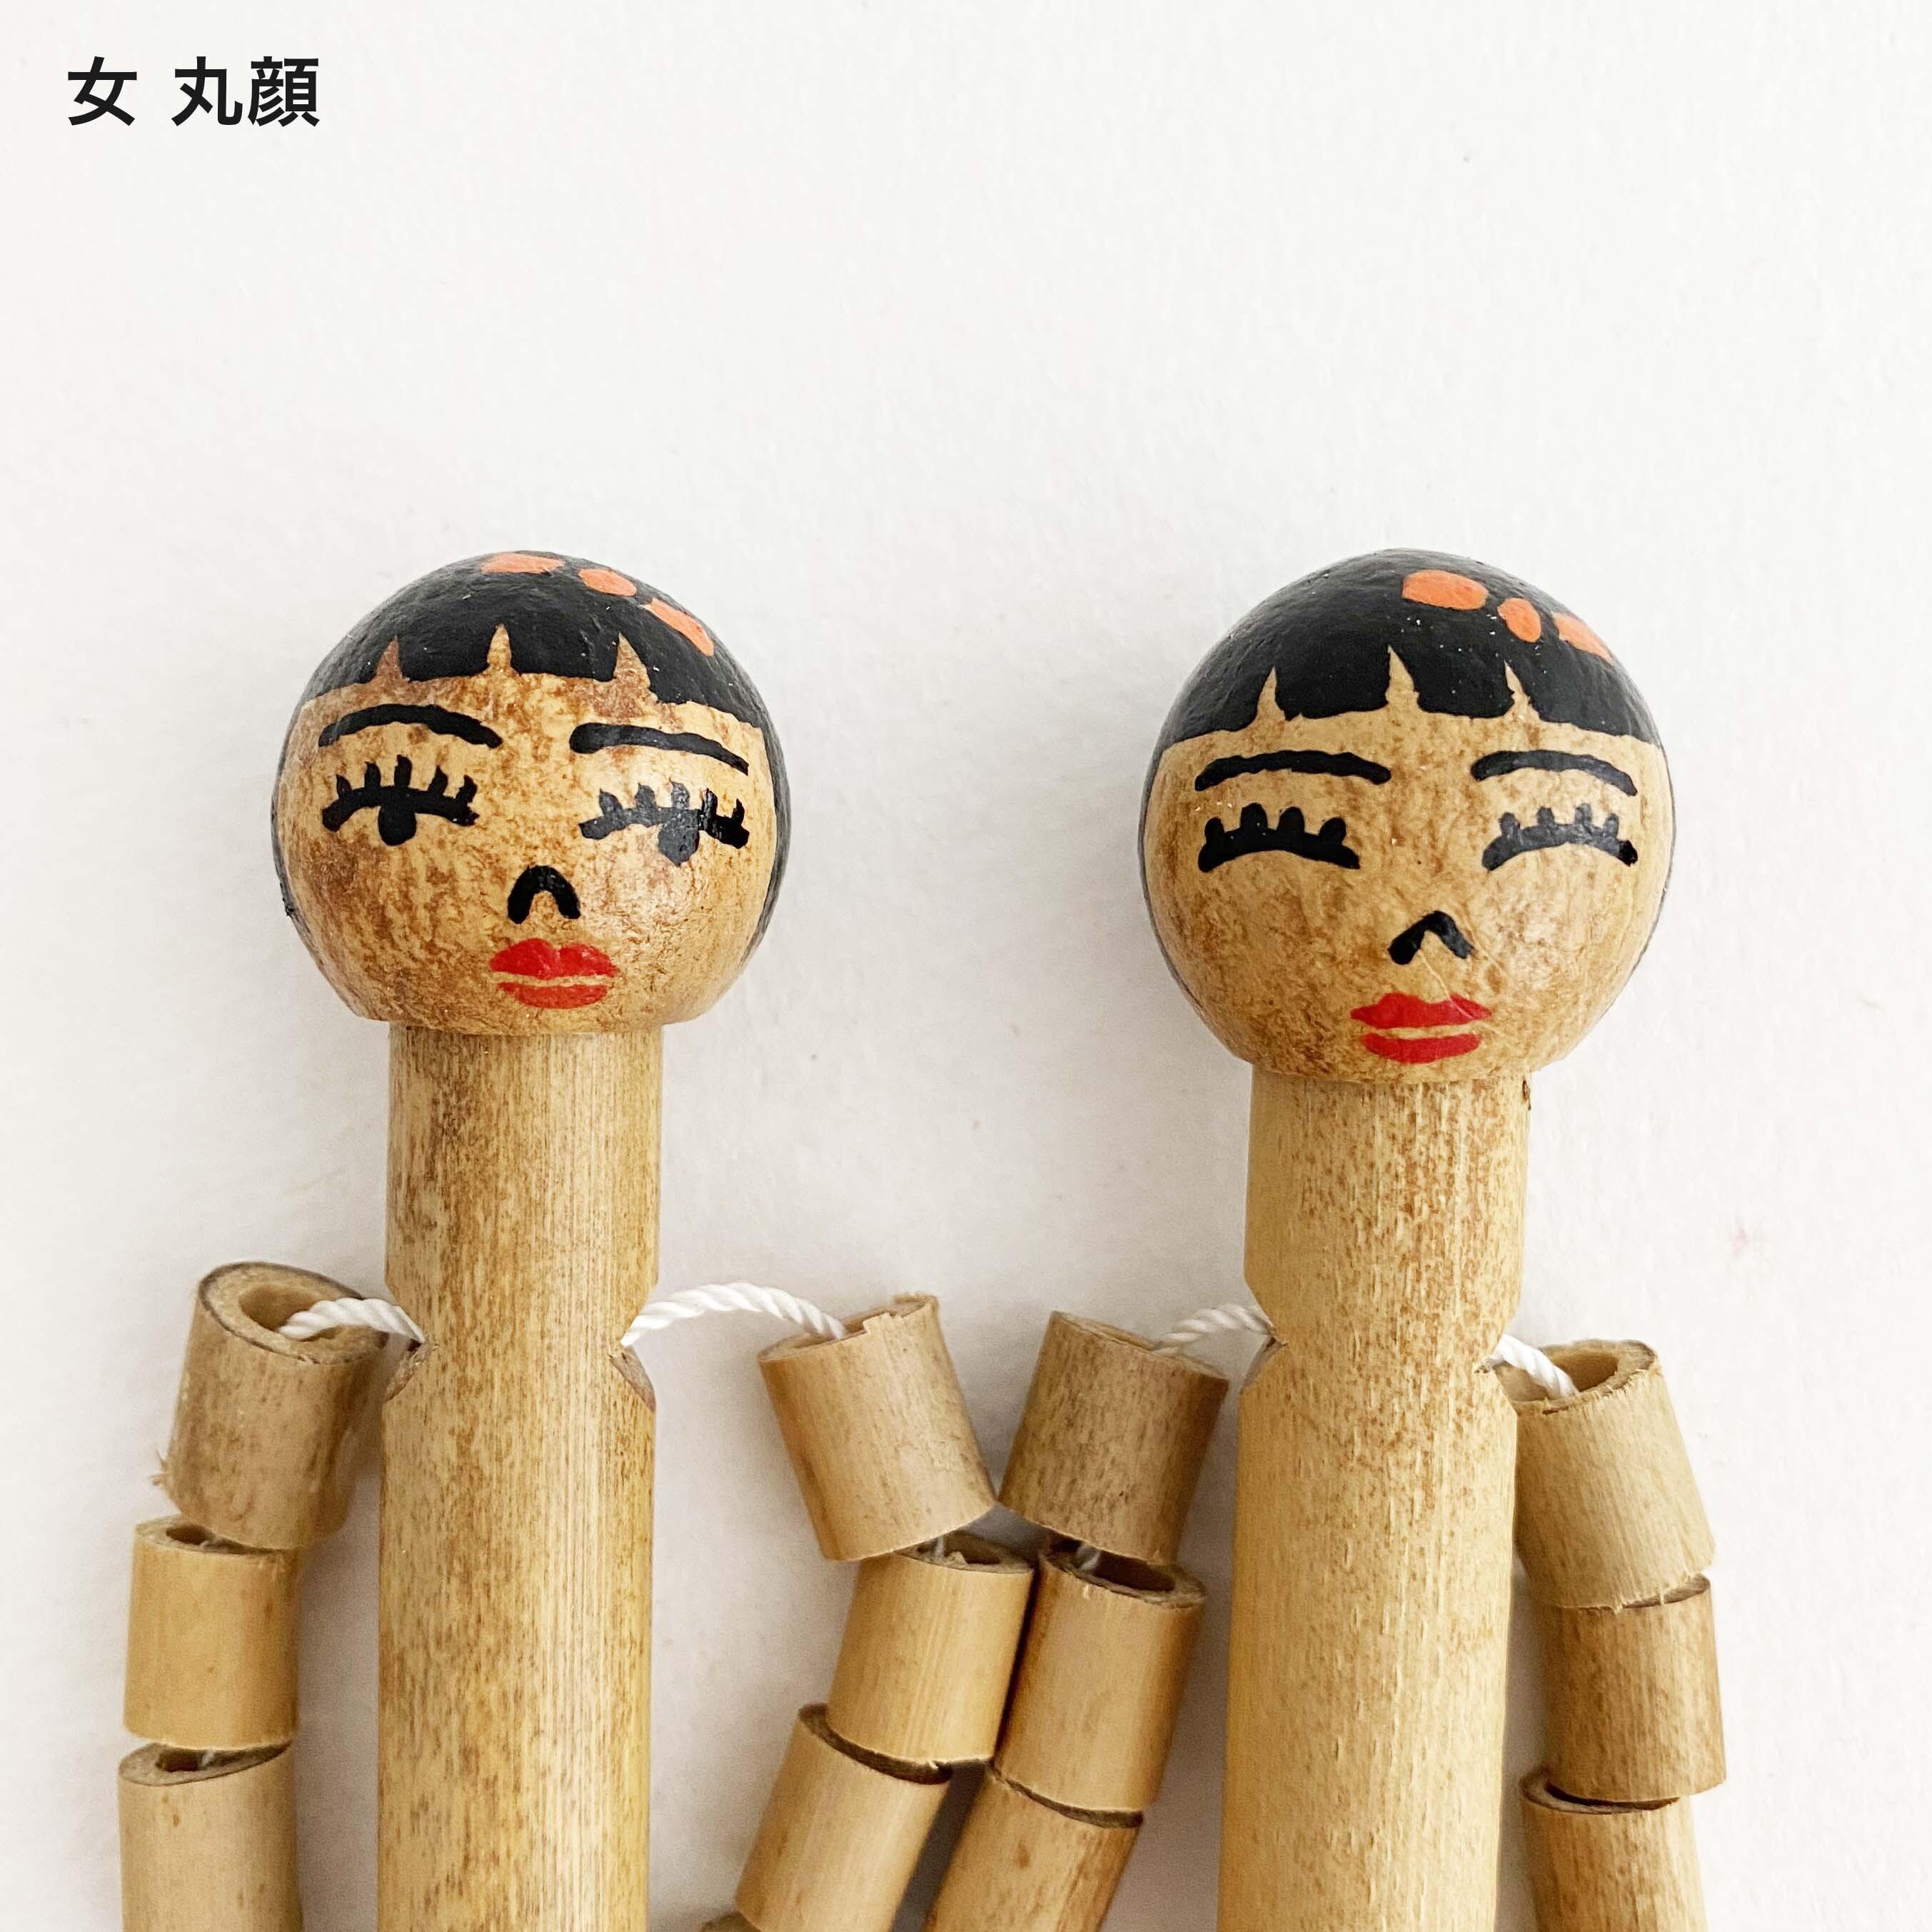 沖縄郷土玩具「竹人形」